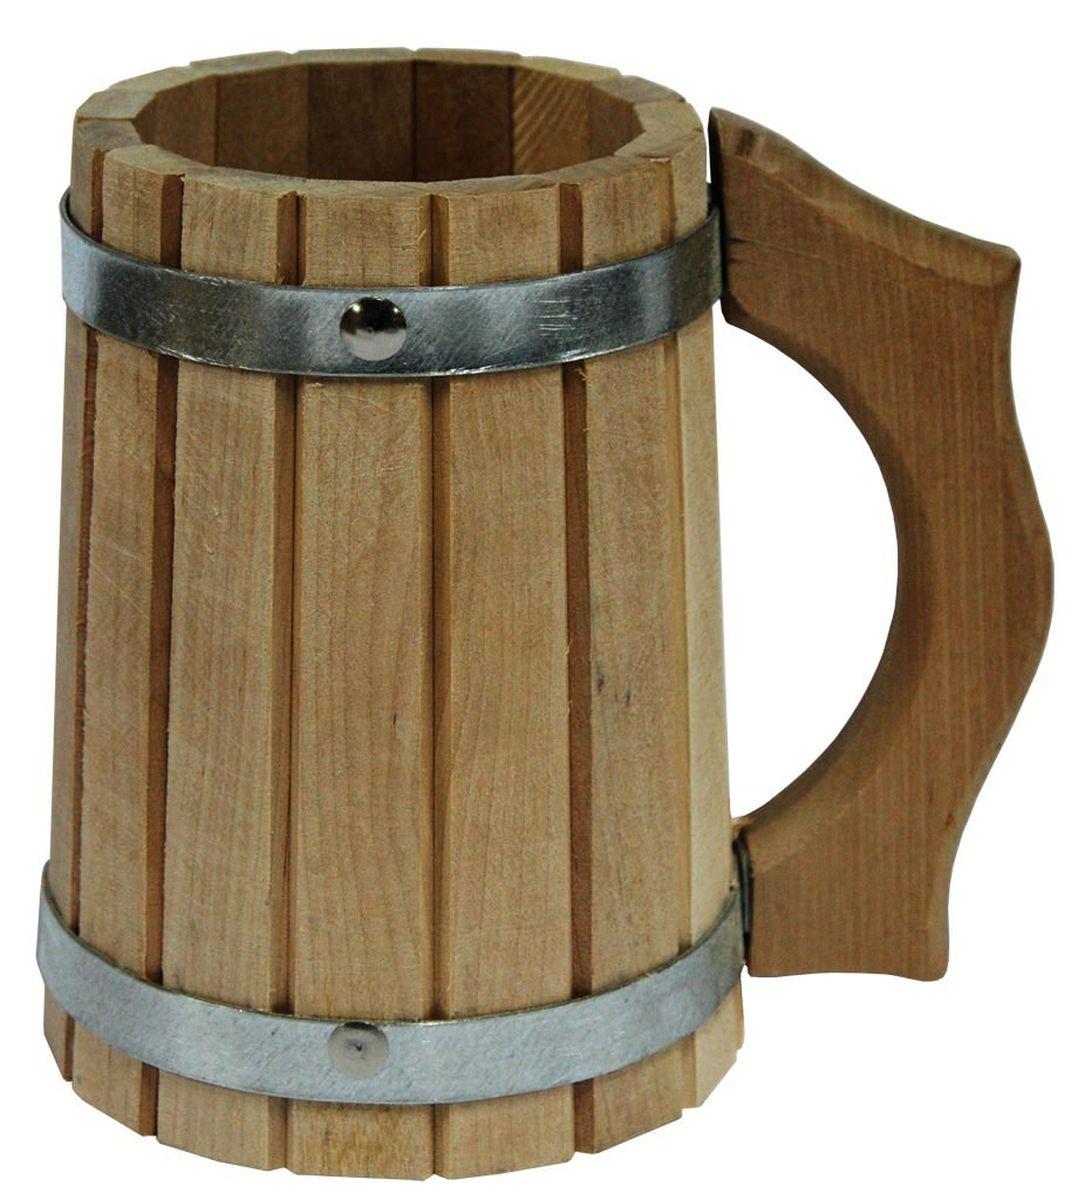 Кружка для бани и сануы Proffi Home, 1 лPS0048Кружка Proffi Home выполнена из березы. Она просто незаменима для подачи напитков, приготовления отваров из трав и ароматических масел, также подходит для декора или в качестве сувенира. Эксплуатация бондарных изделий.Перед первым использованием бондарное изделие рекомендуется подготовить. Для этого нужно наполнить изделие холодной водой и оставить наполненным на 2-3 часа. Затем необходимо воду слить, обдать изделие сначала горячей, потом холодной водой. Не рекомендуется оставлять бондарные изделия около нагревательных приборов, а также под длительным воздействием прямых солнечных лучей.С момента начала использования бондарного изделия не рекомендуется оставлять его без воды на срок более 1 недели. Но и продолжительное время хранить в таких изделиях воду тоже не следует.После каждого использования необходимо вымыть и ошпарить изделие кипятком. В качестве моющих средств желательно использовать пищевую соду либо раствор горчичного порошка.Правильное обращение с бондарными изделиями позволит надолго сохранить их эксплуатационные свойства и продлить срок использования! Материал: дерево.